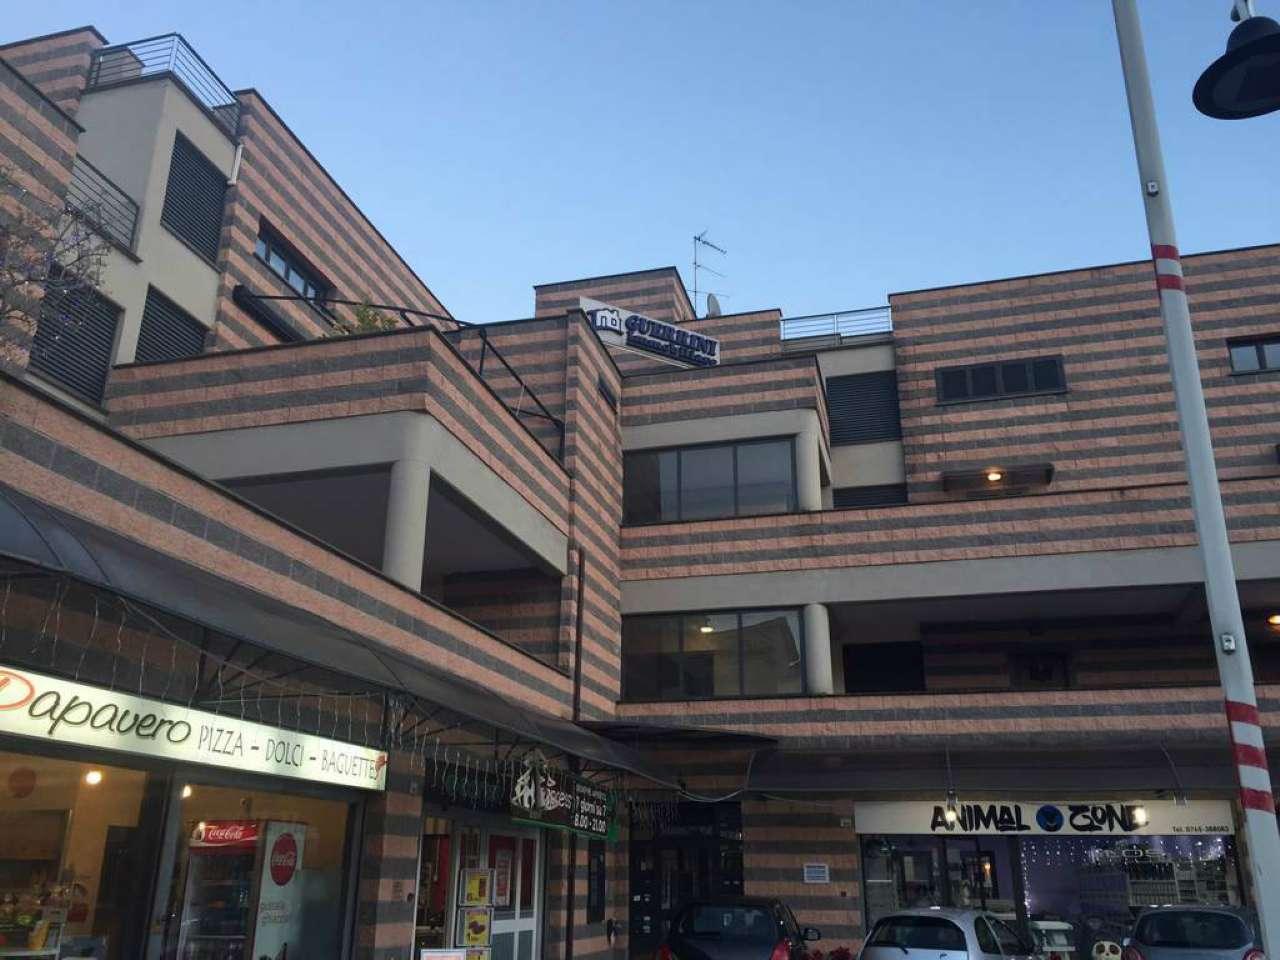 Ufficio / Studio in affitto a Fiano Romano, 9999 locali, prezzo € 550 | CambioCasa.it